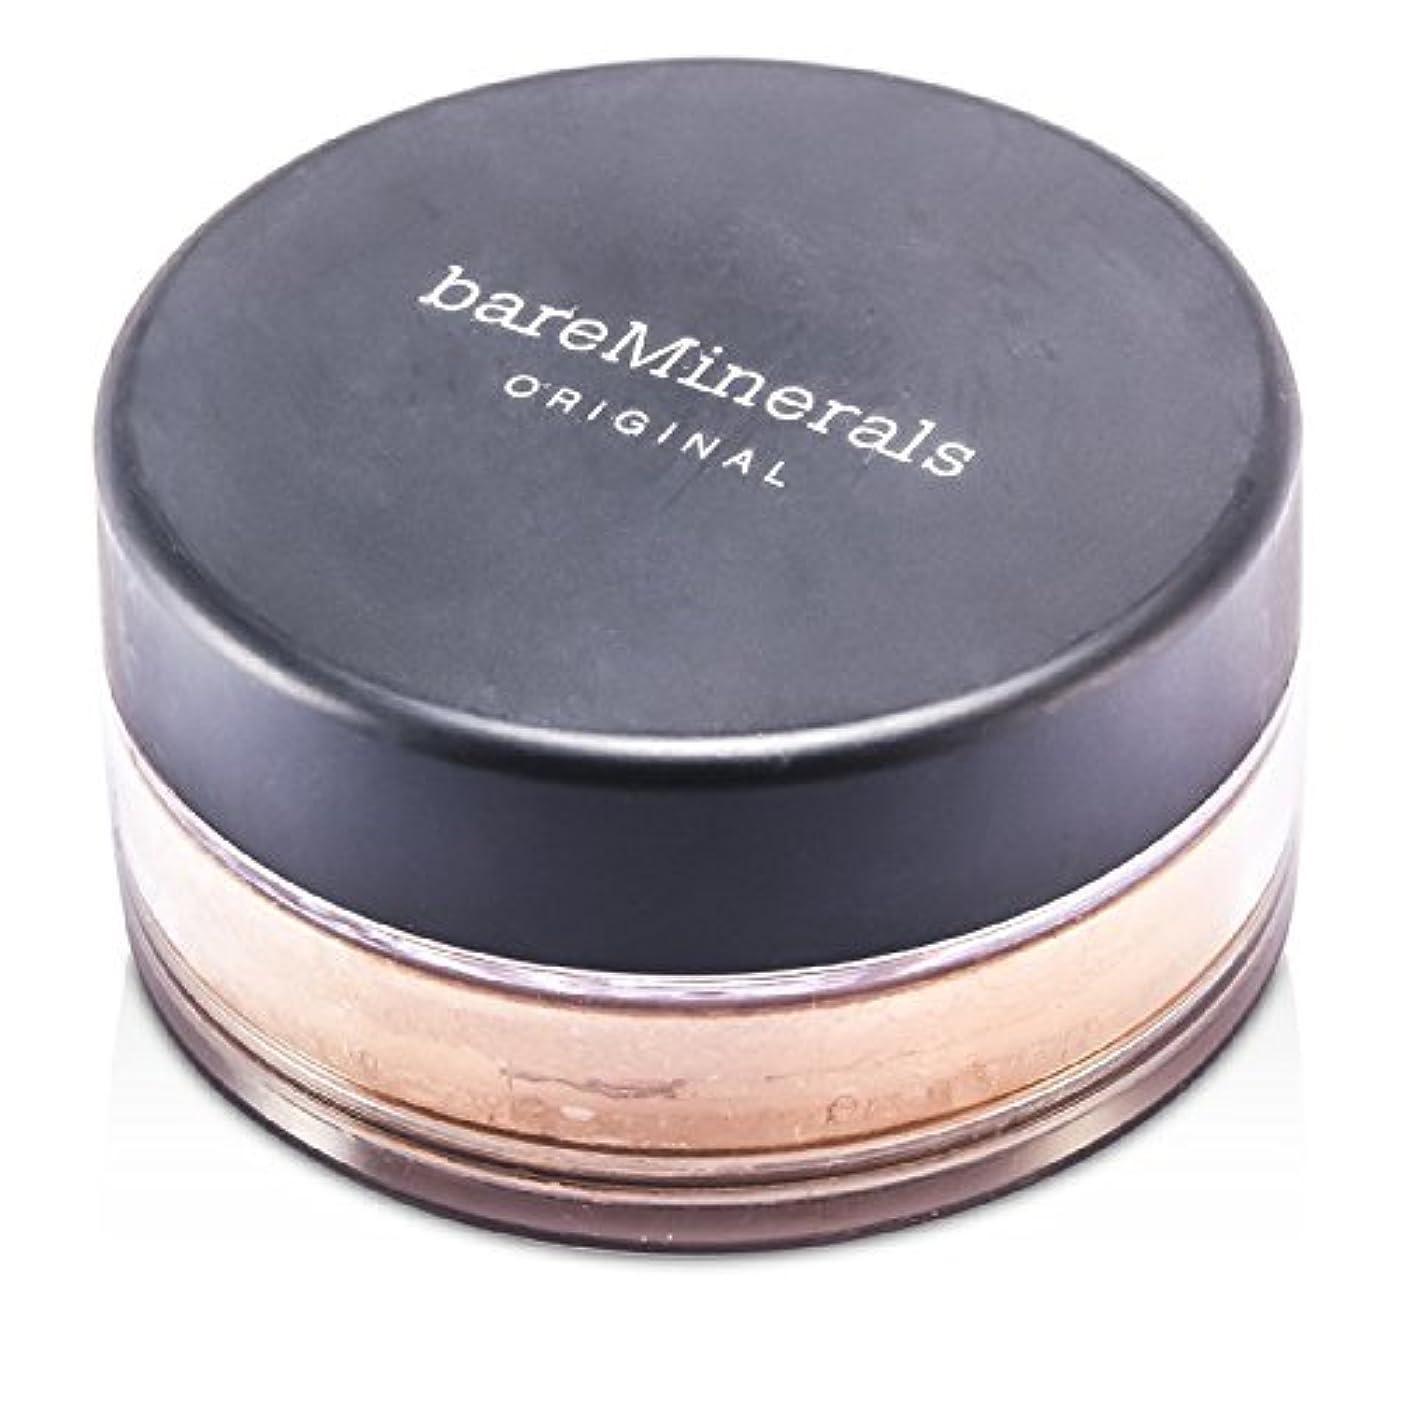 の面ではキャップ聡明BareMinerals ベアミネラルオリジナル SPF 15 ファンデーション - # Golden Tan ( W30 ) 8g/0.28oz並行輸入品